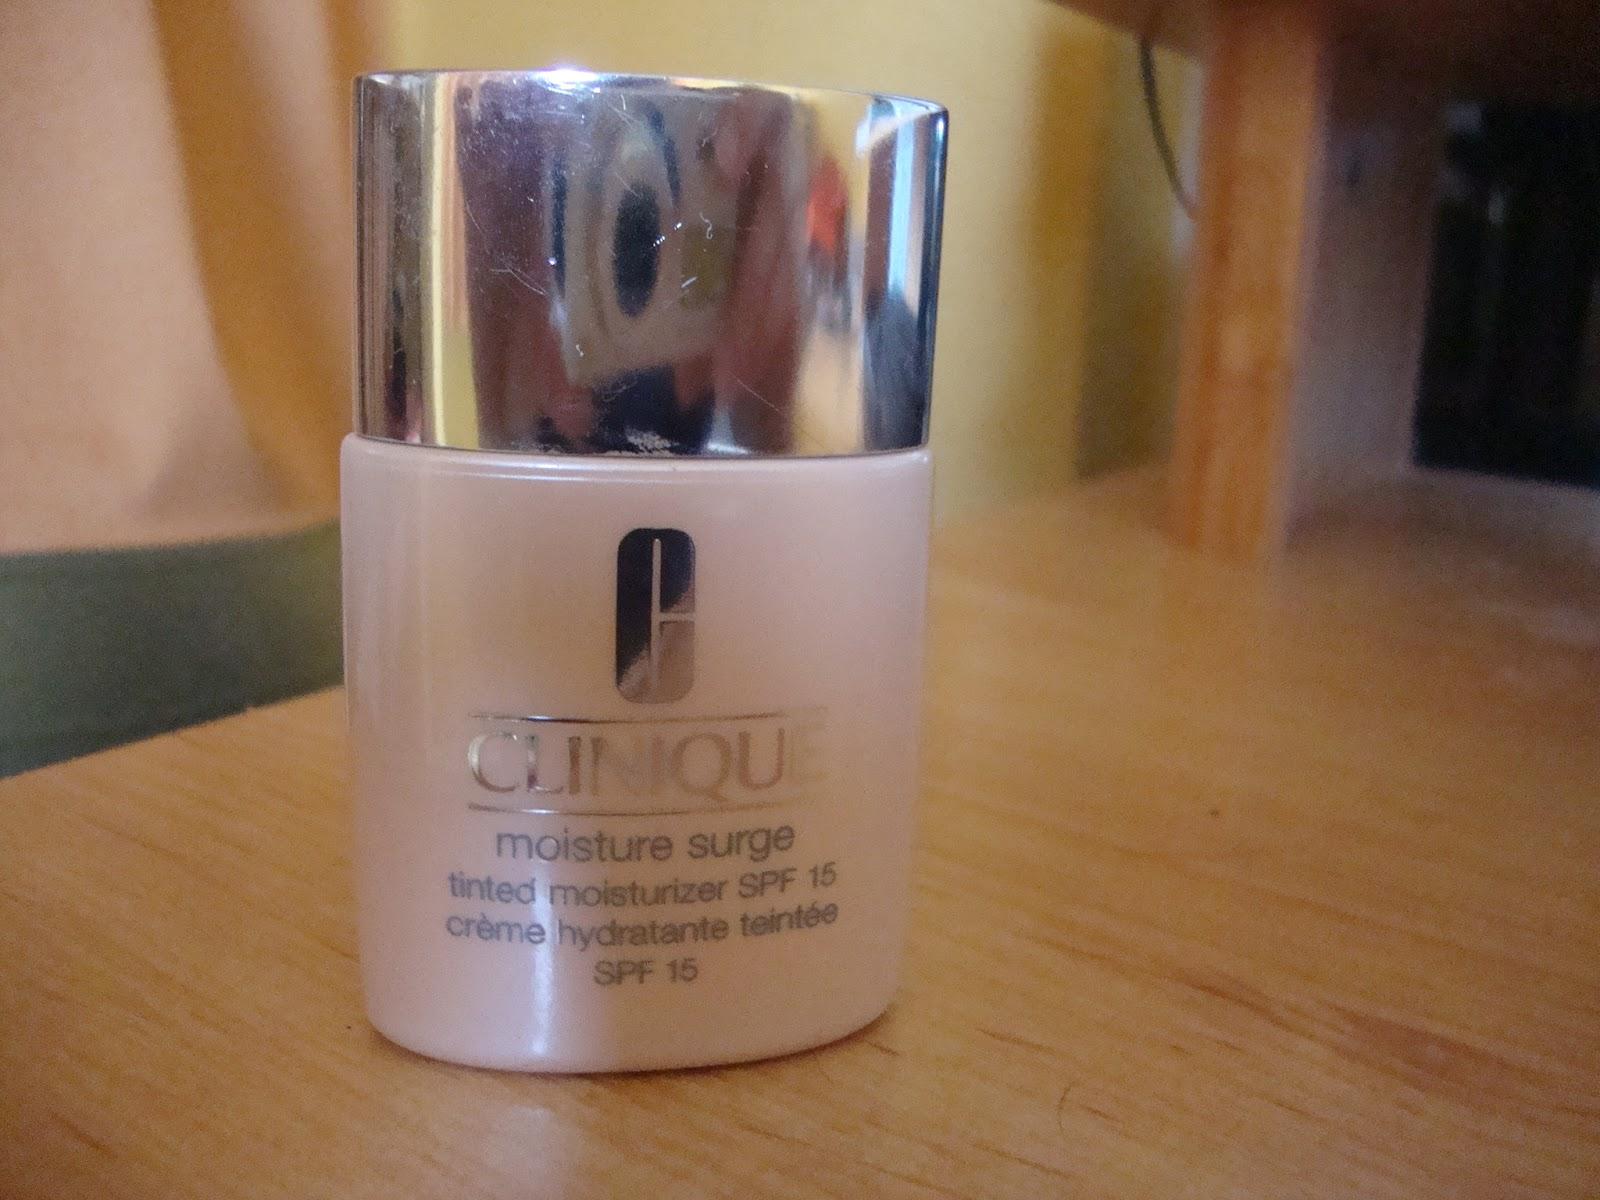 maquillaje hidratante clinique